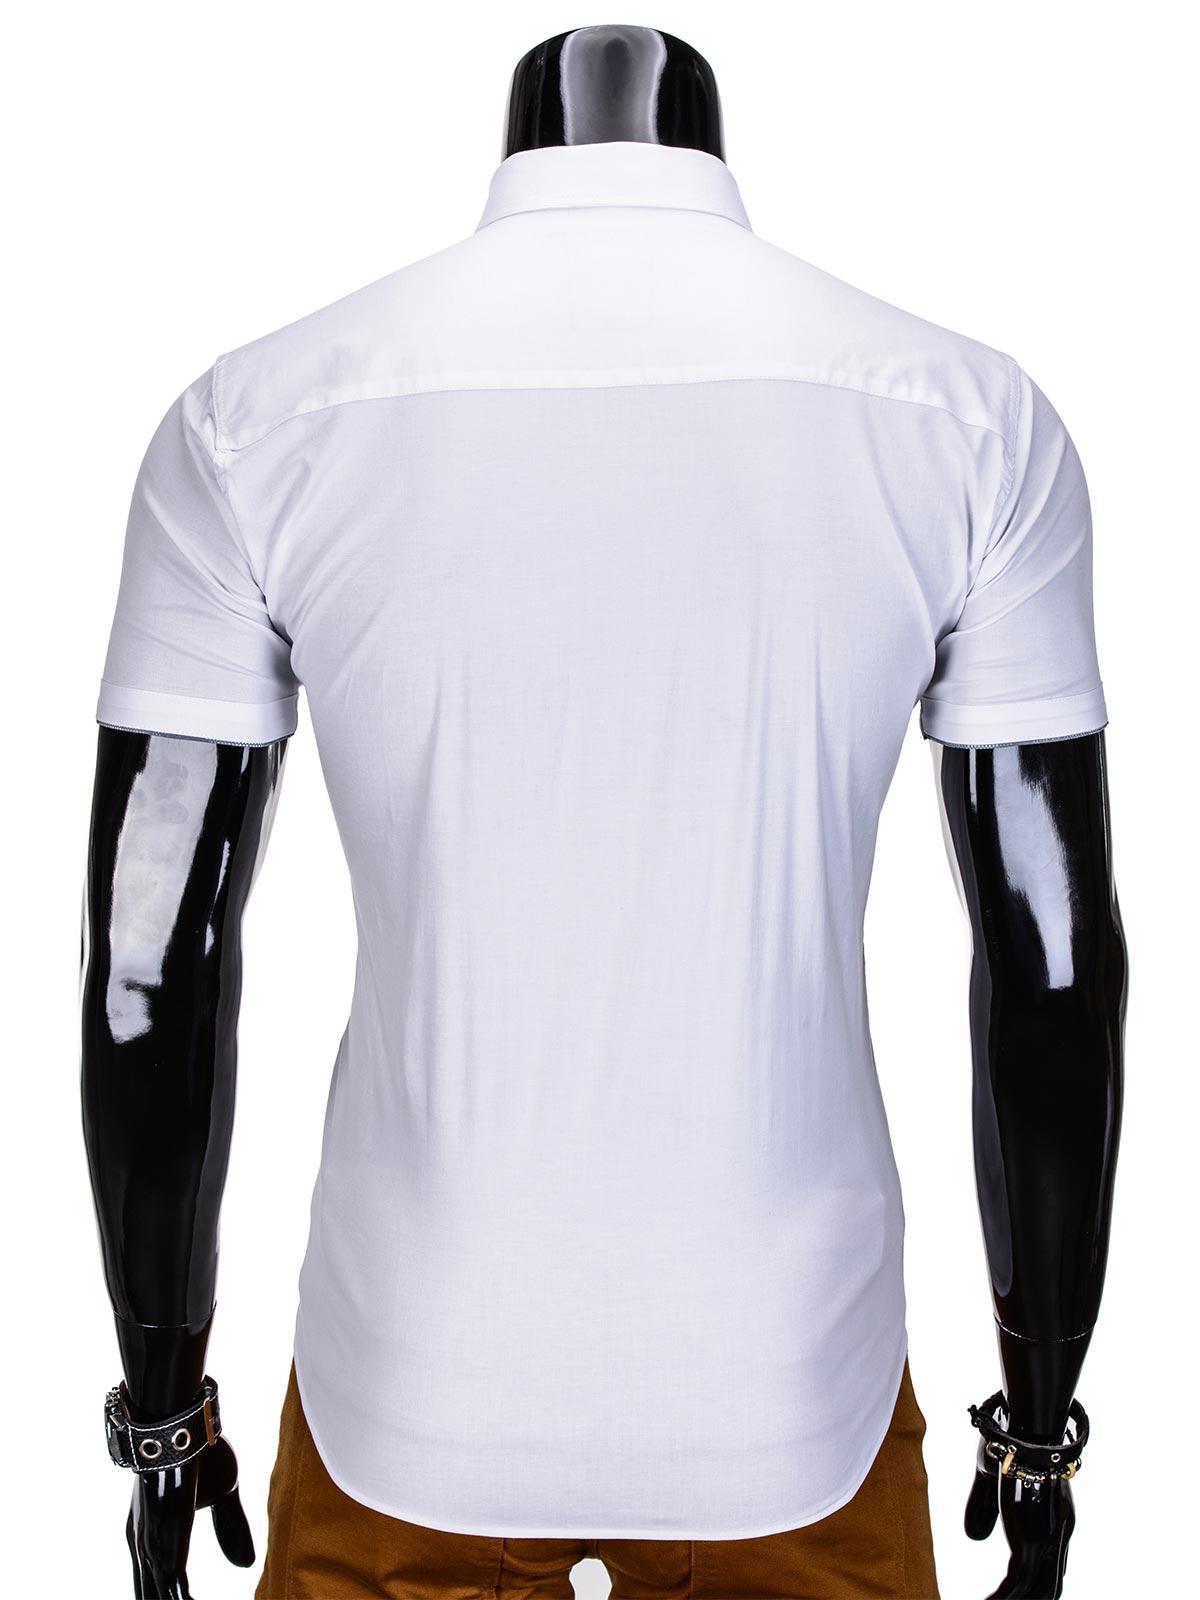 1d569eced01a1 SLIM FIT Skład: 100% bawełny Pako Lorente Koszula męskaw czerwoną kratkę  Wybierz coś dla siebie spośród aż 459 produktów. Męska koszula z krótkim  rękawem.